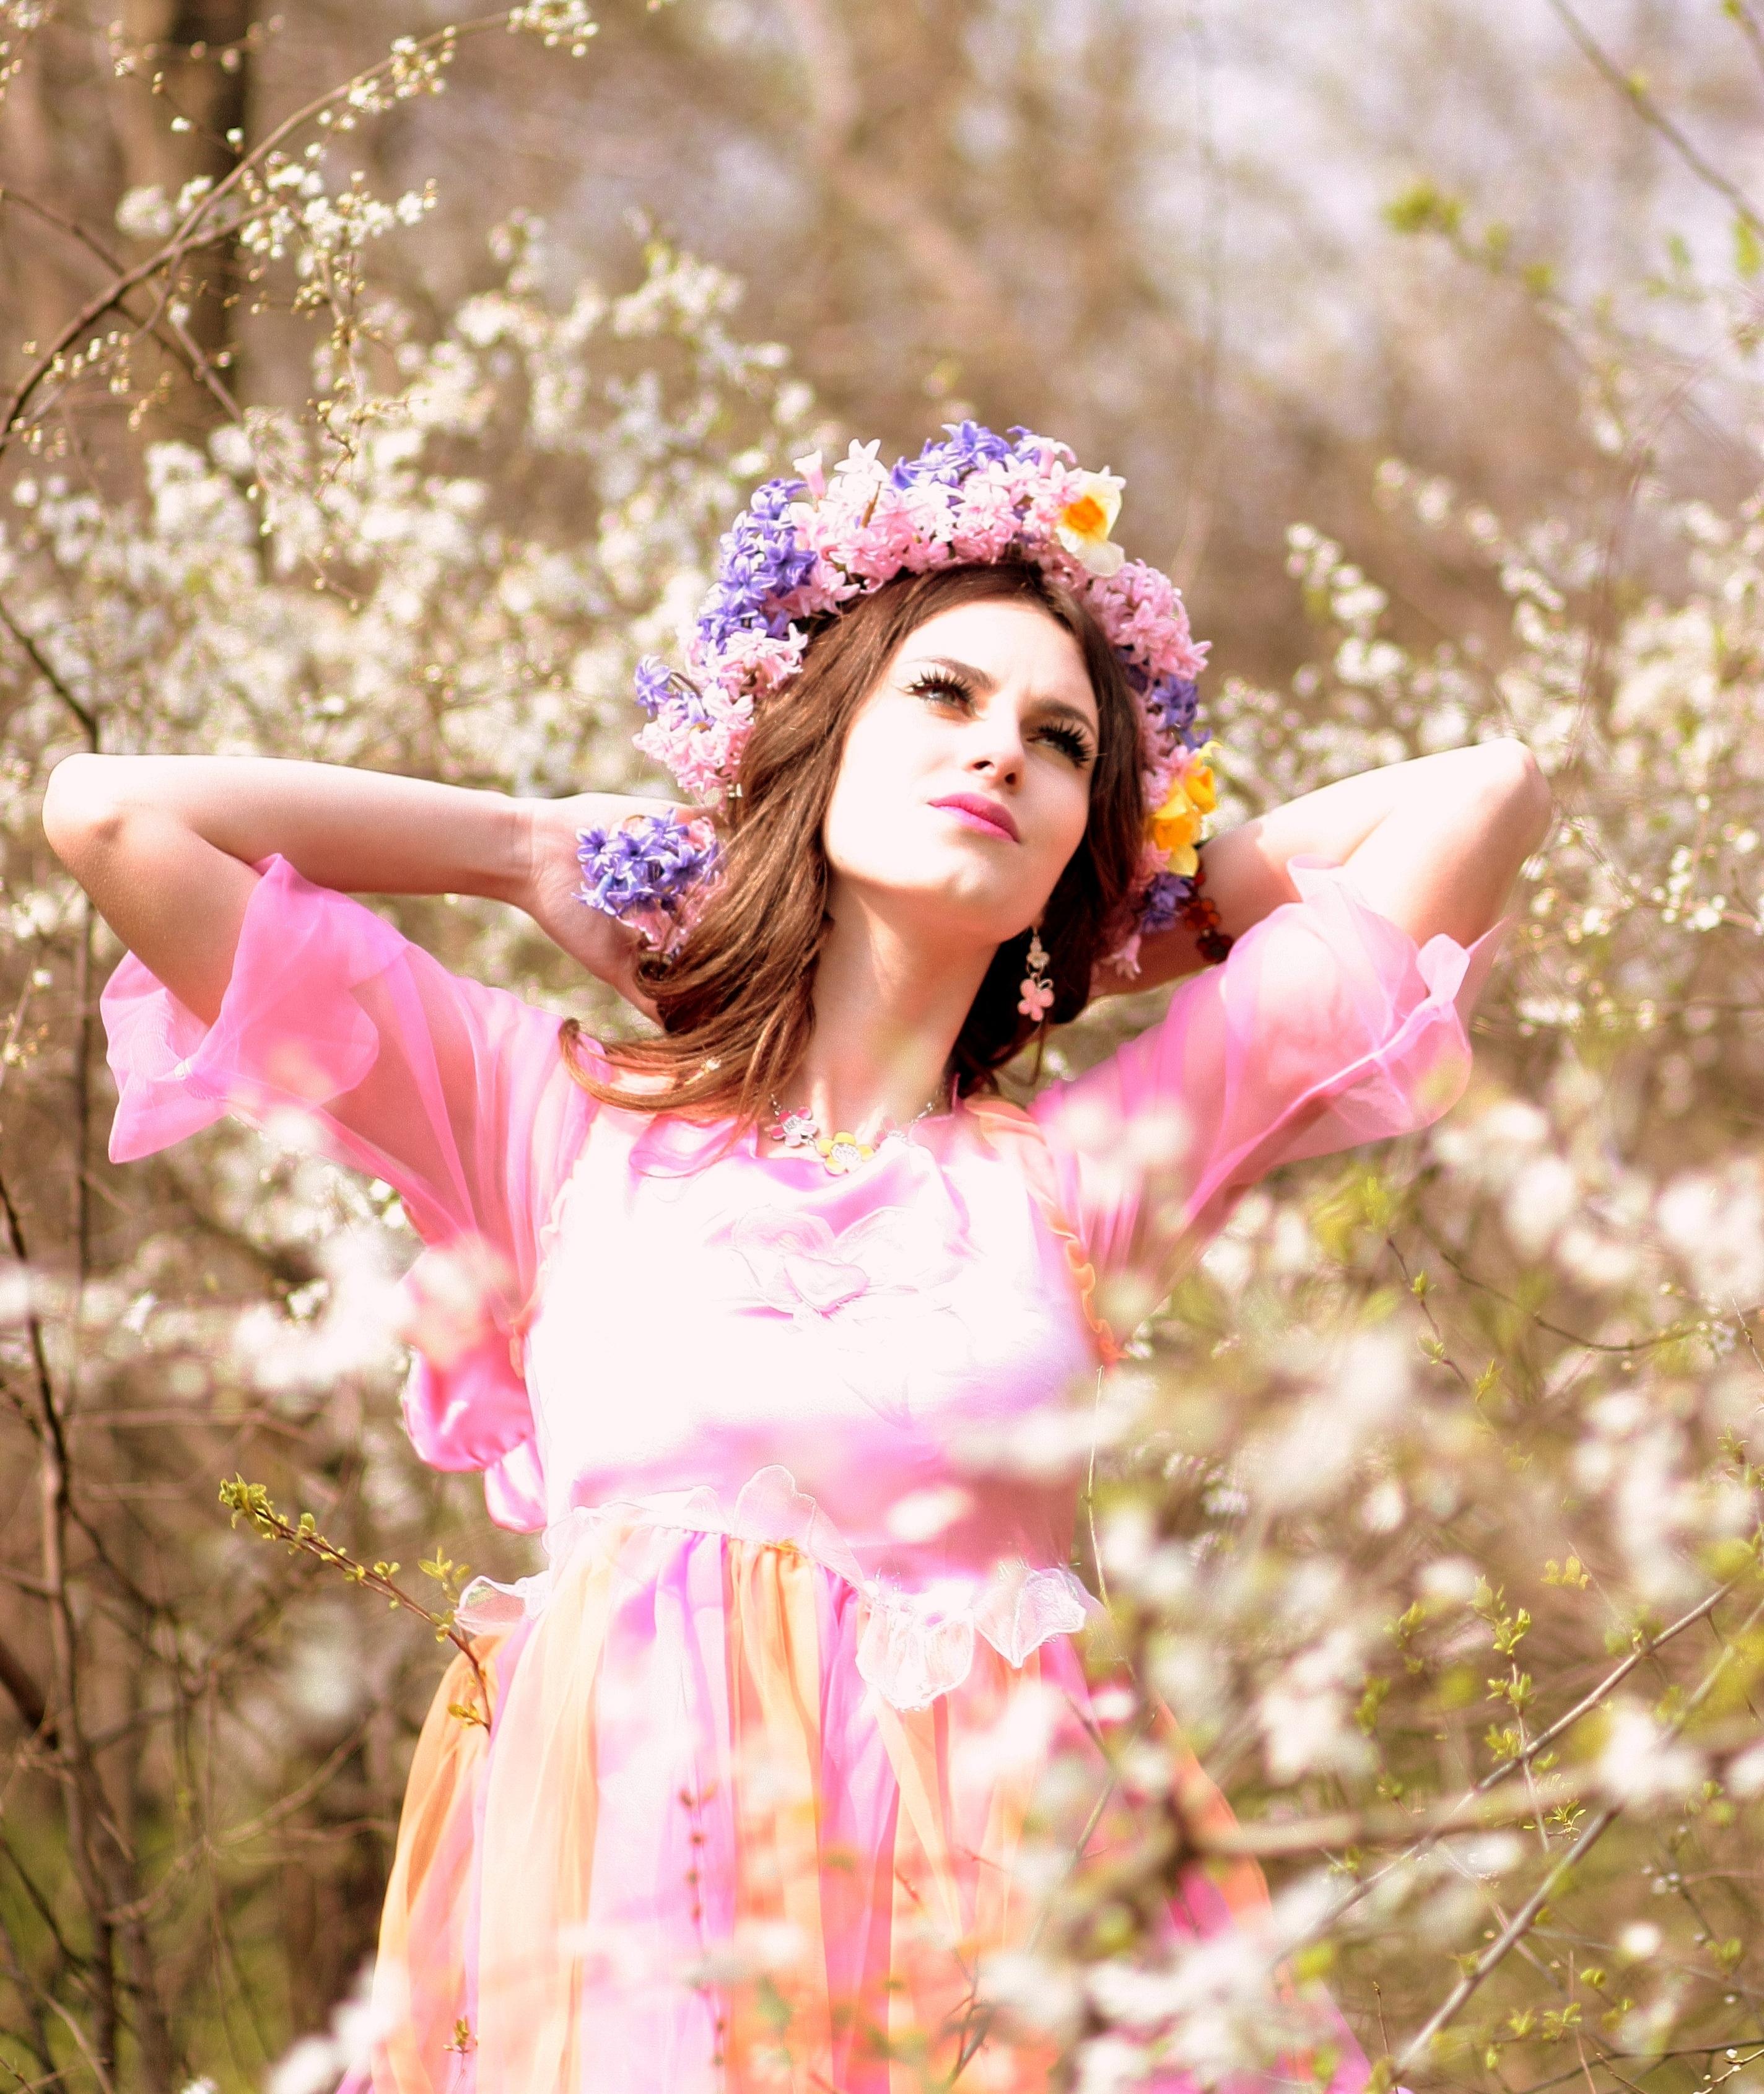 Fotos gratis : niña, blanco, fotografía, flor, primavera, ropa ...